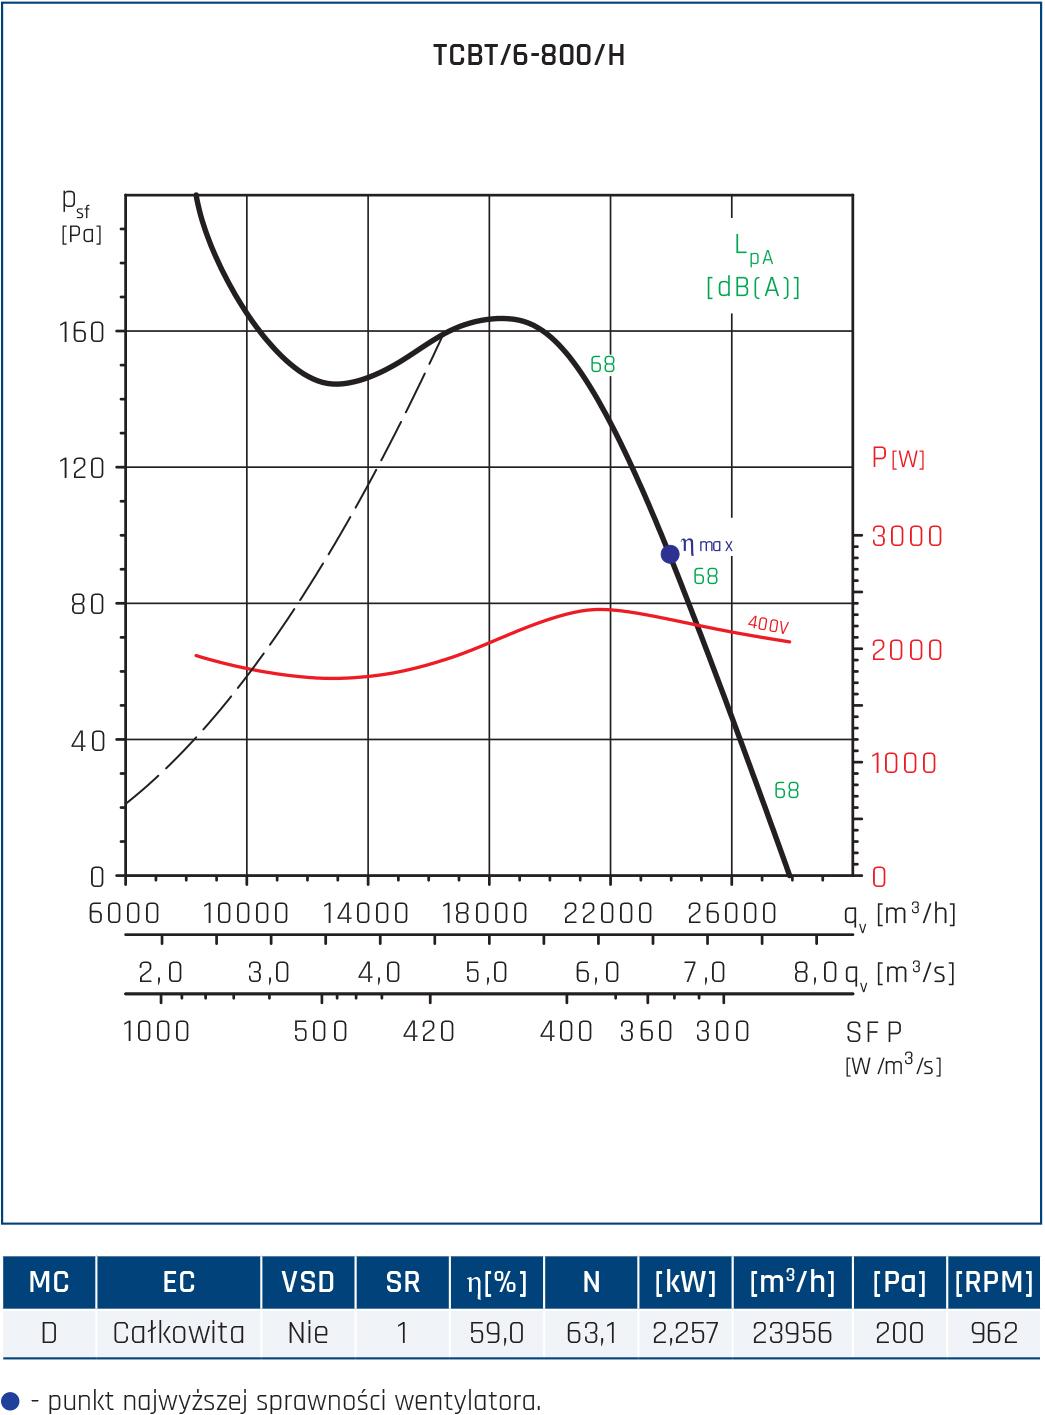 Wentylator Compact TCBB/TCBT 96